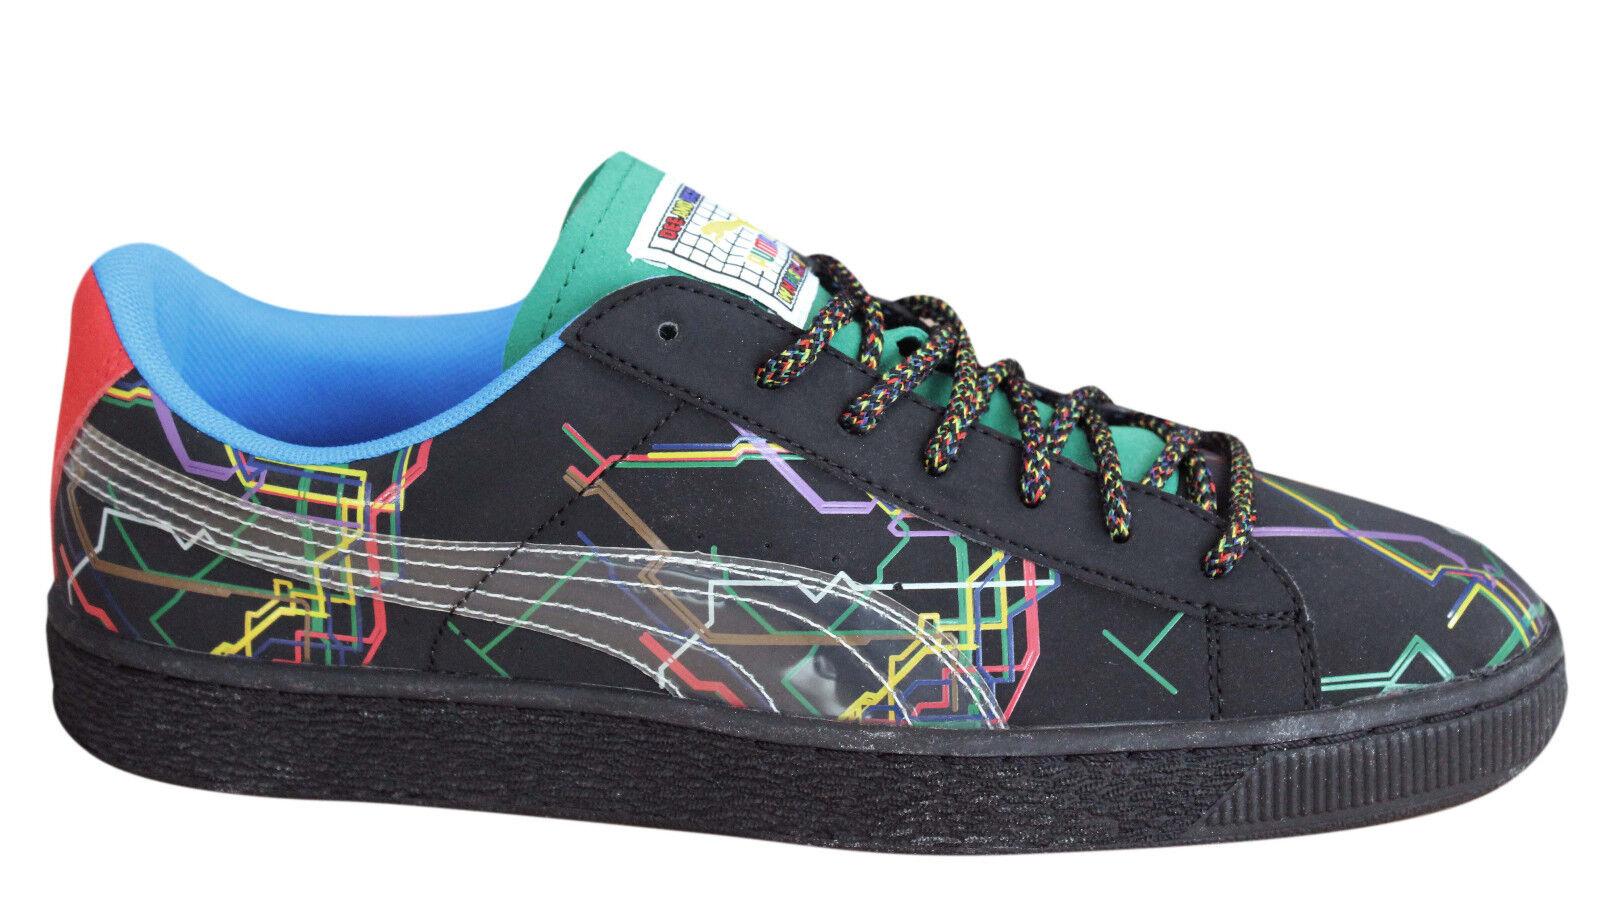 Puma paniere x dee & ricky allacciarsi le scarpe nere nere scarpe Uomo formatori 361498 01 u100 e6429f